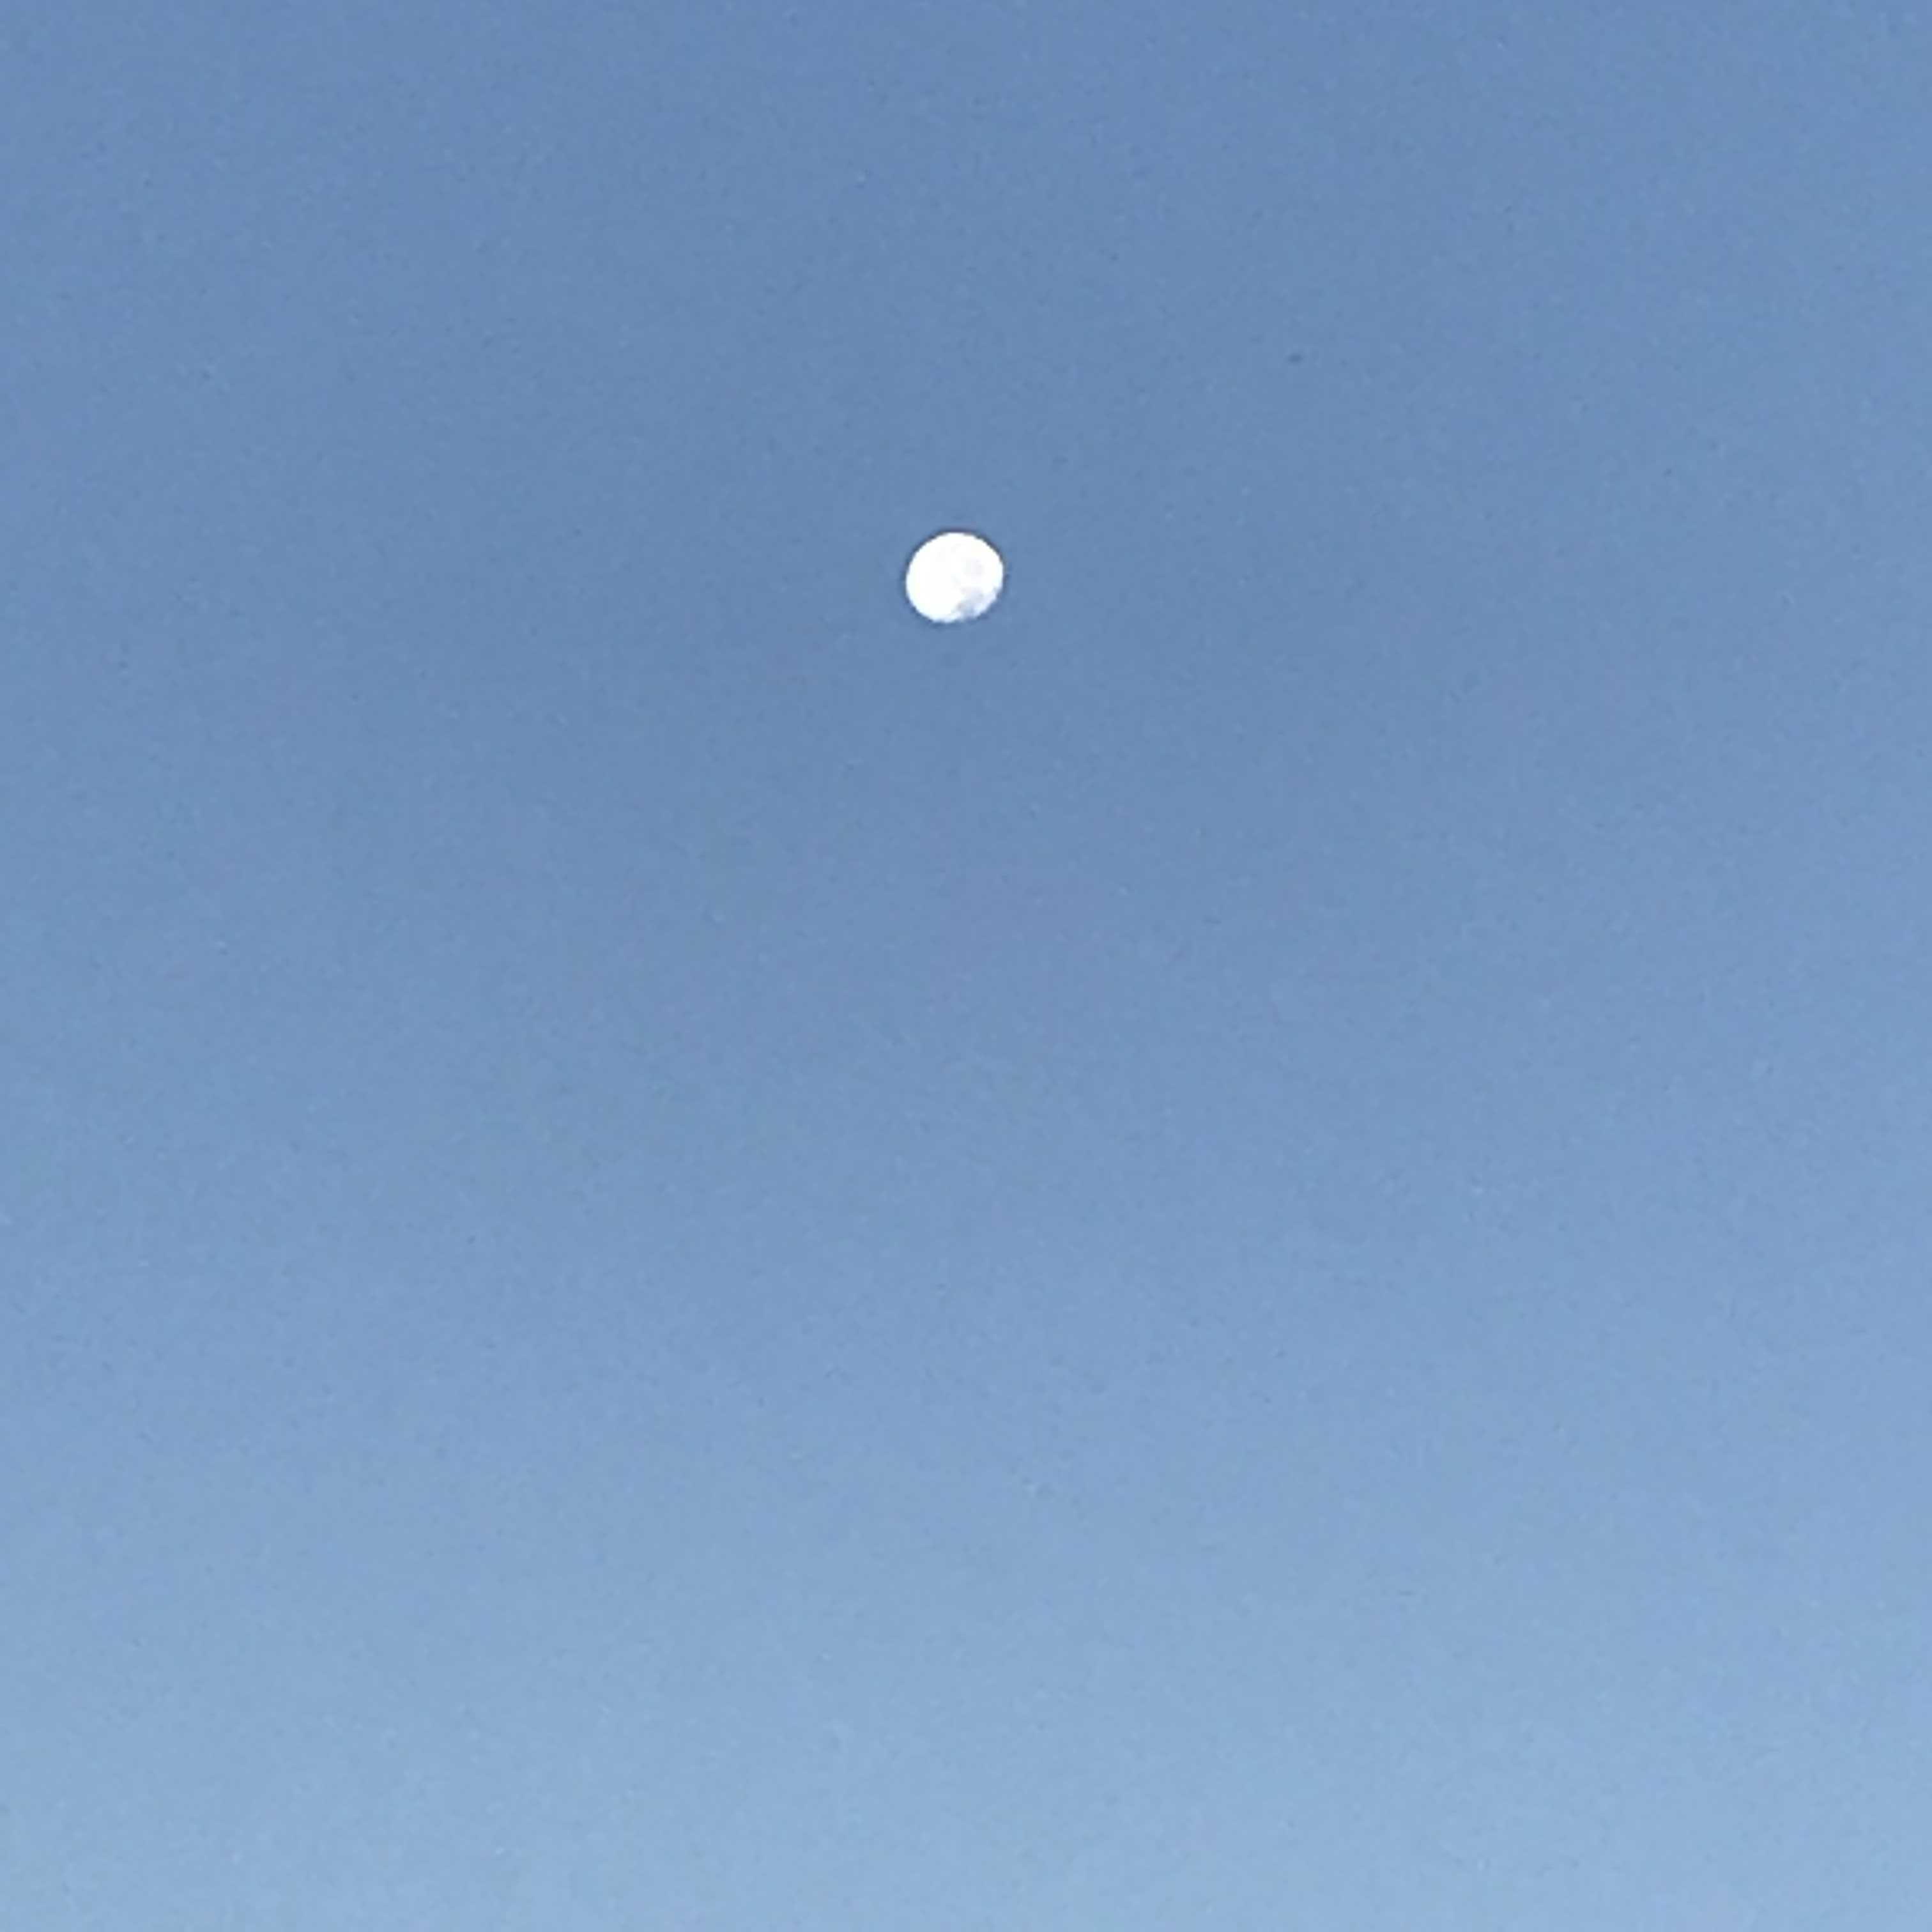 朝のお日様とお月様_f0204295_09114283.jpg